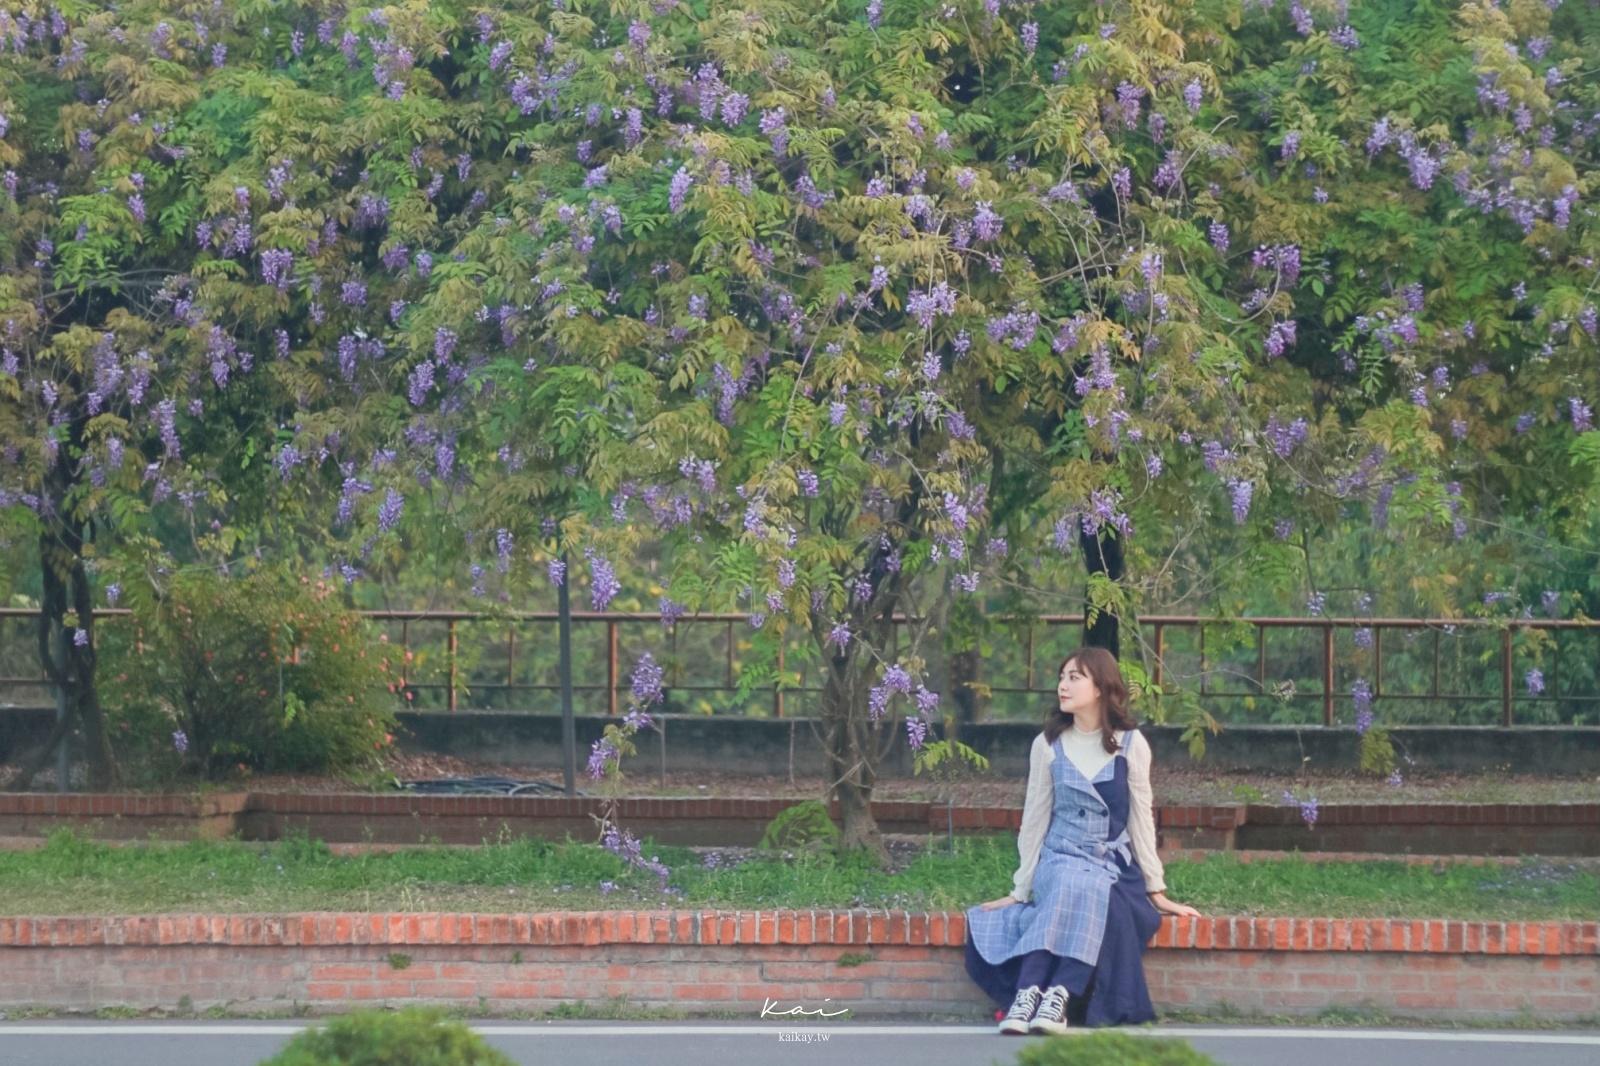 ☆【彰化景點】紫藤小秘境:浪漫紫色廊道|北斗河濱公園